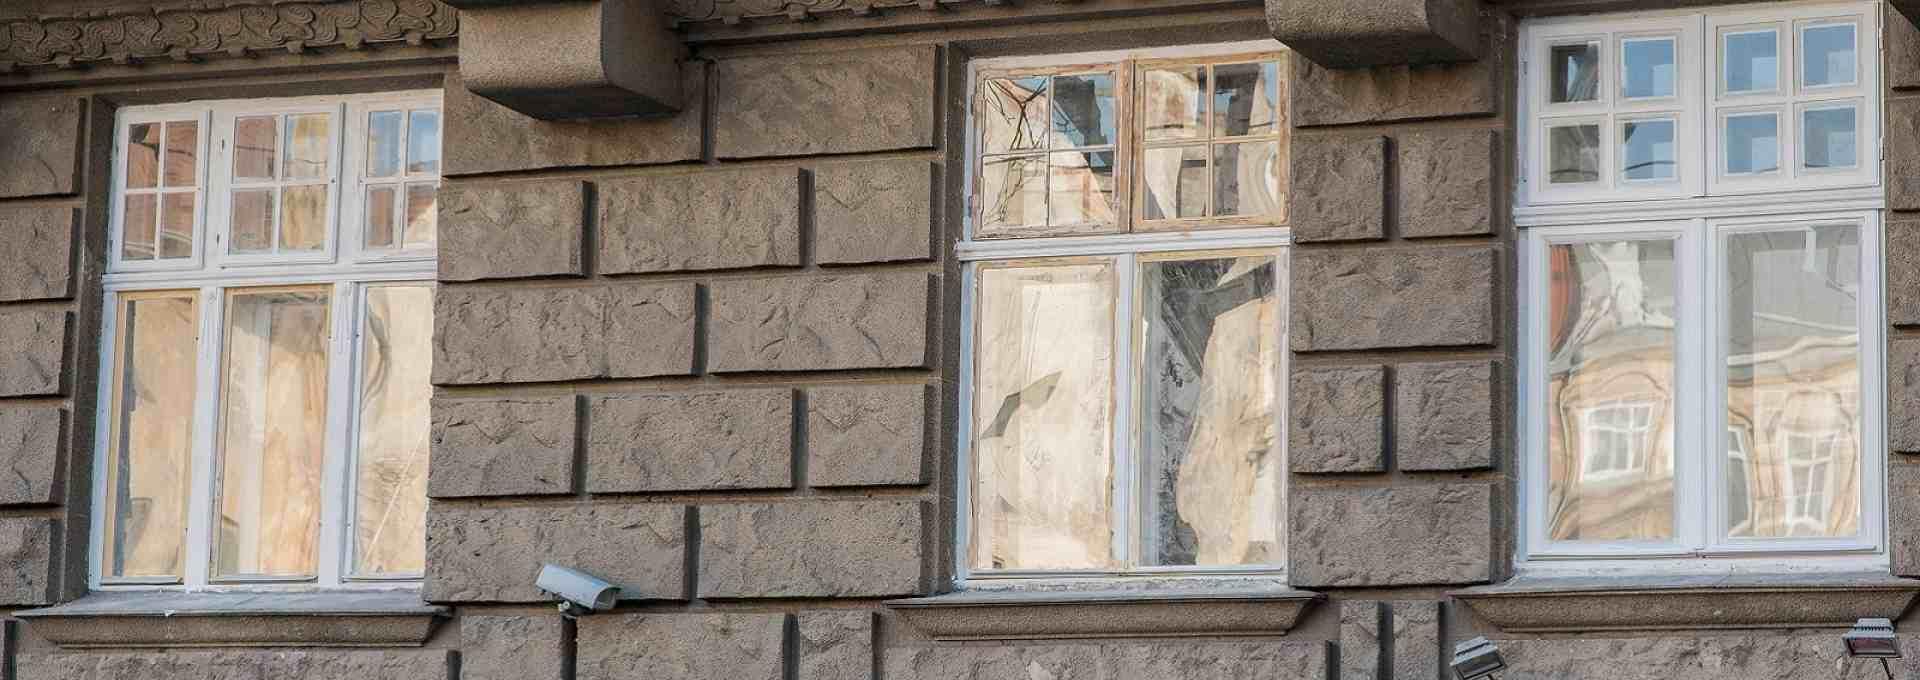 Реставрація дерев'яних вікон